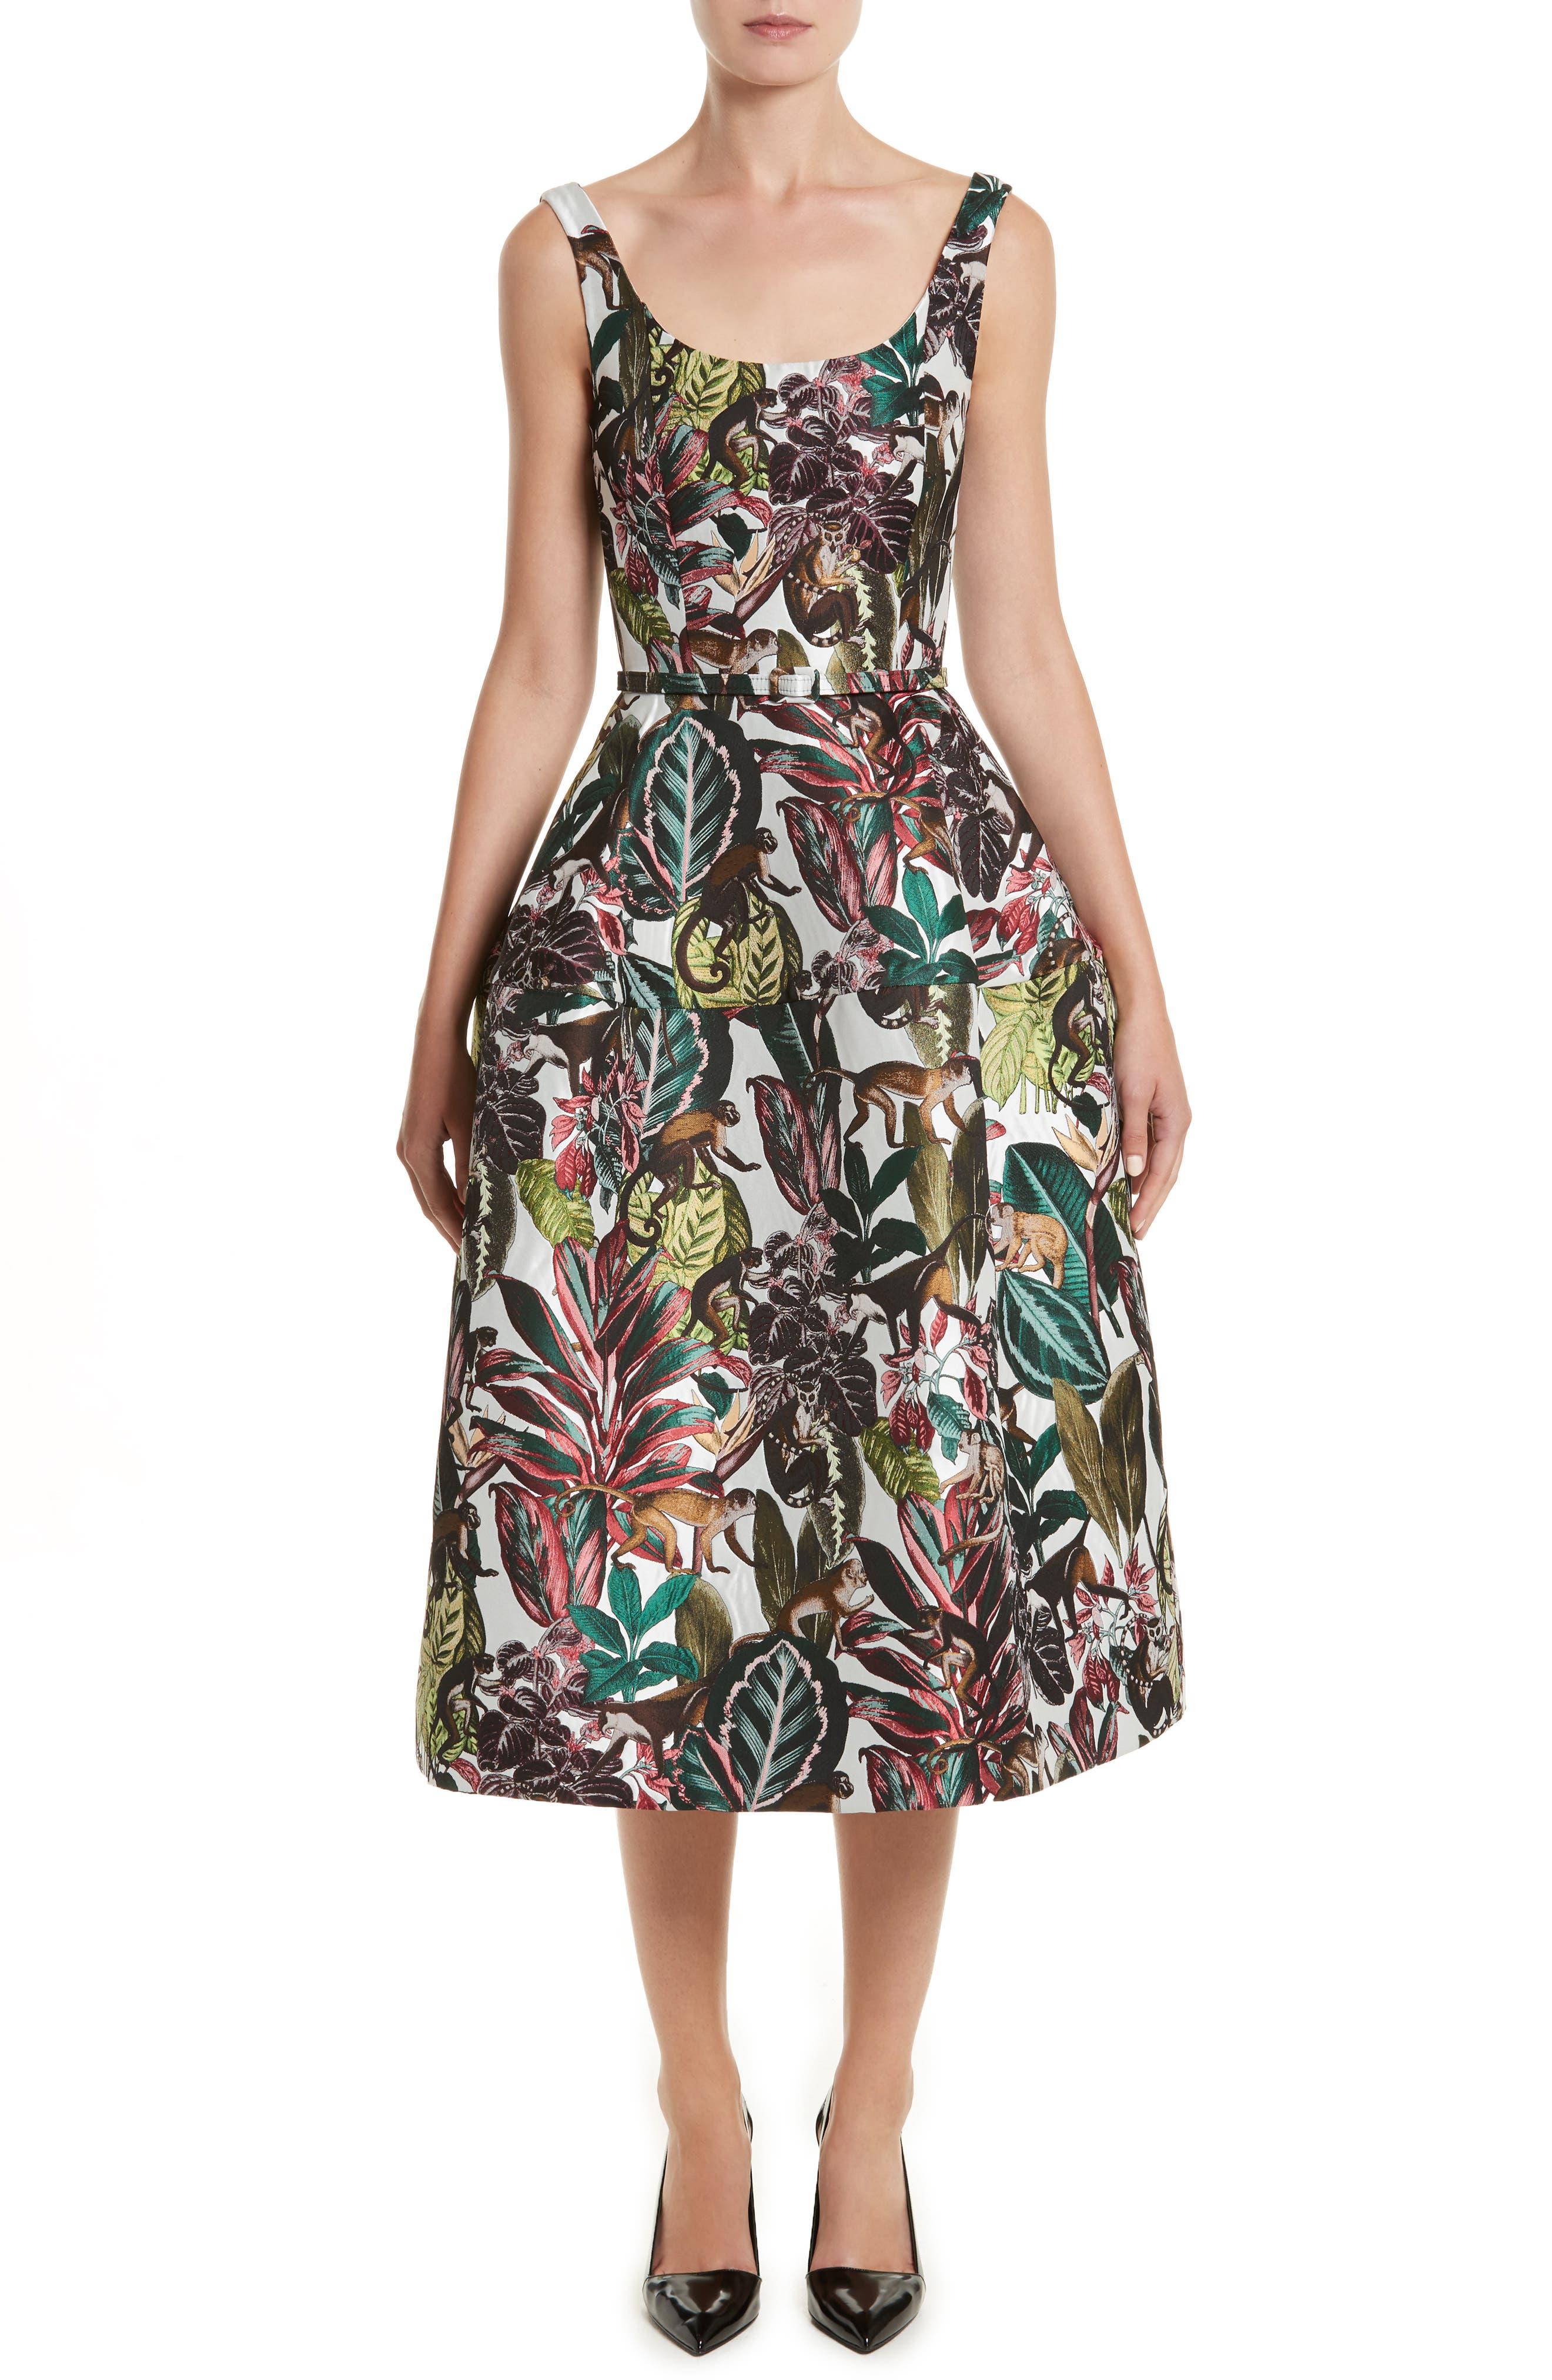 Jungle Jacquard Dress,                             Main thumbnail 1, color,                             White Multi